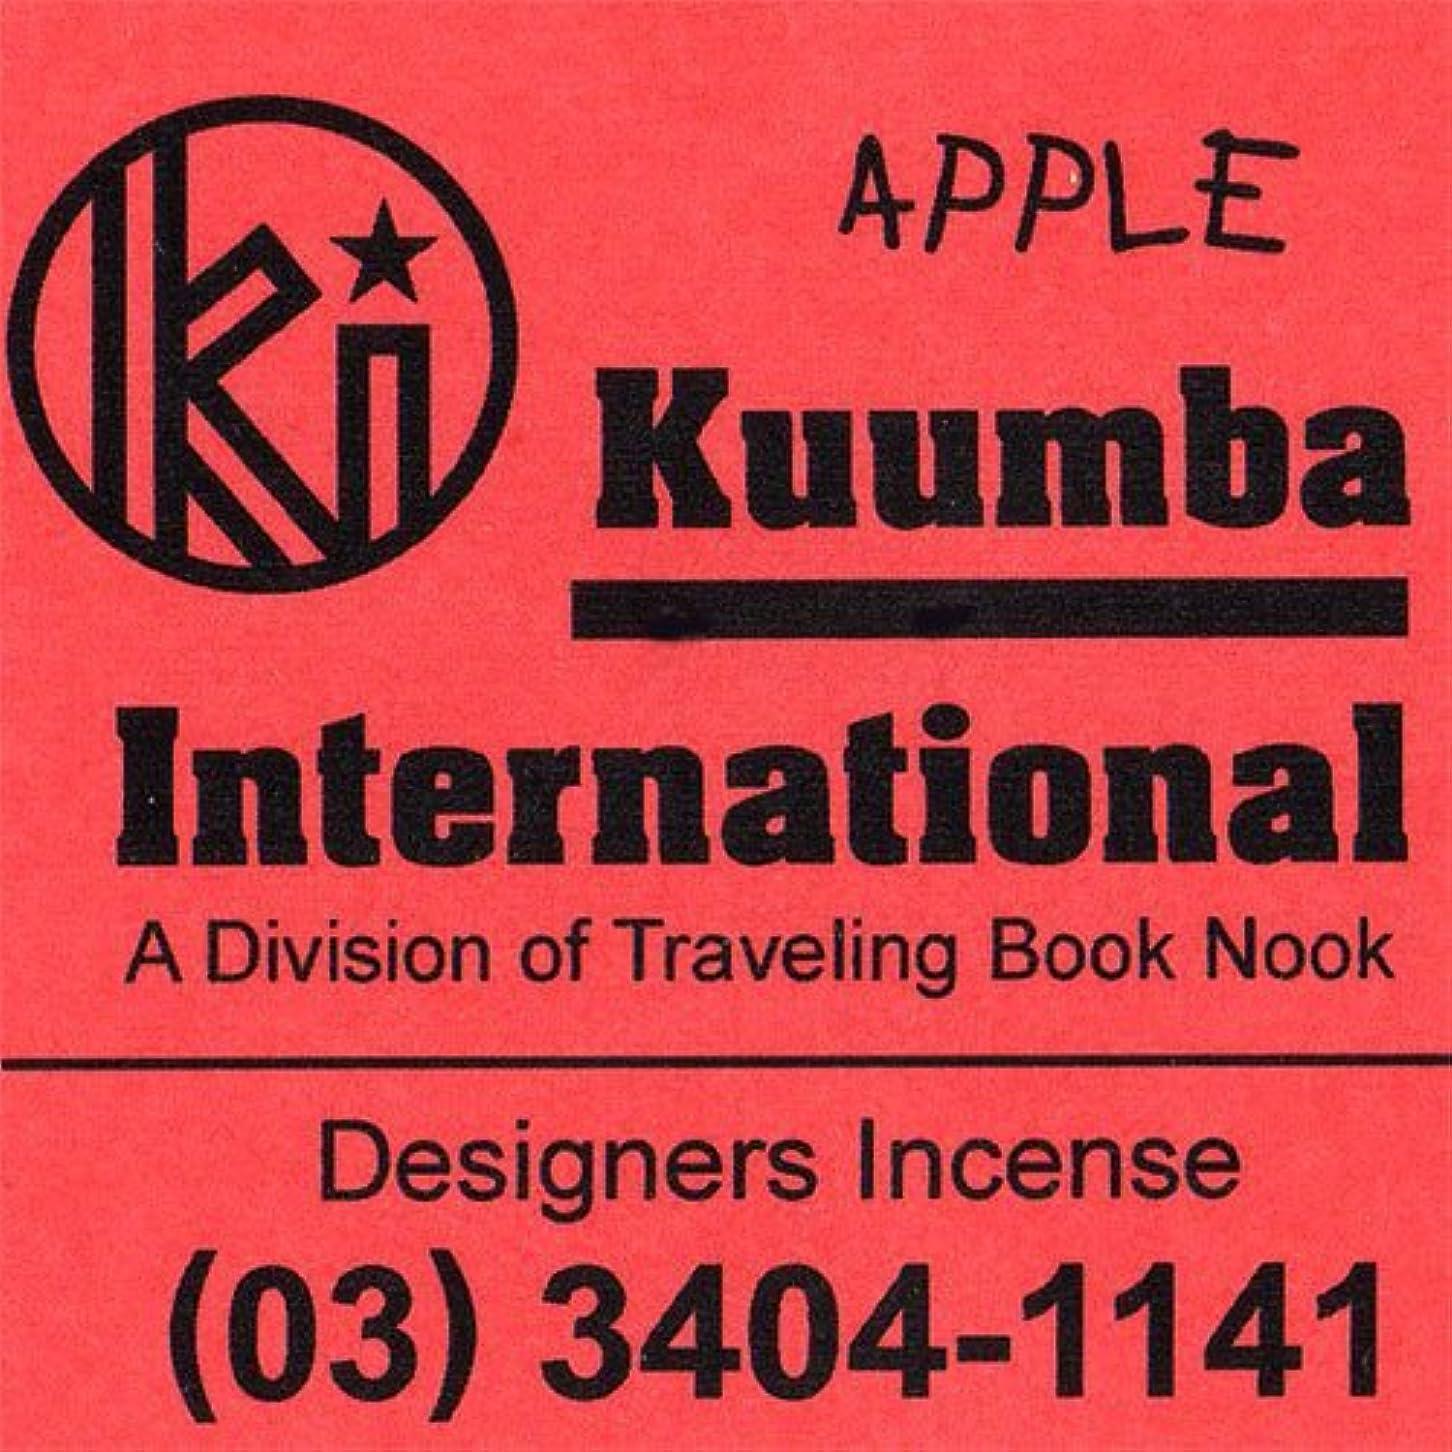 スモッグつまずく発表するKUUMBA / クンバ『incense』(APPLE) (Regular size)